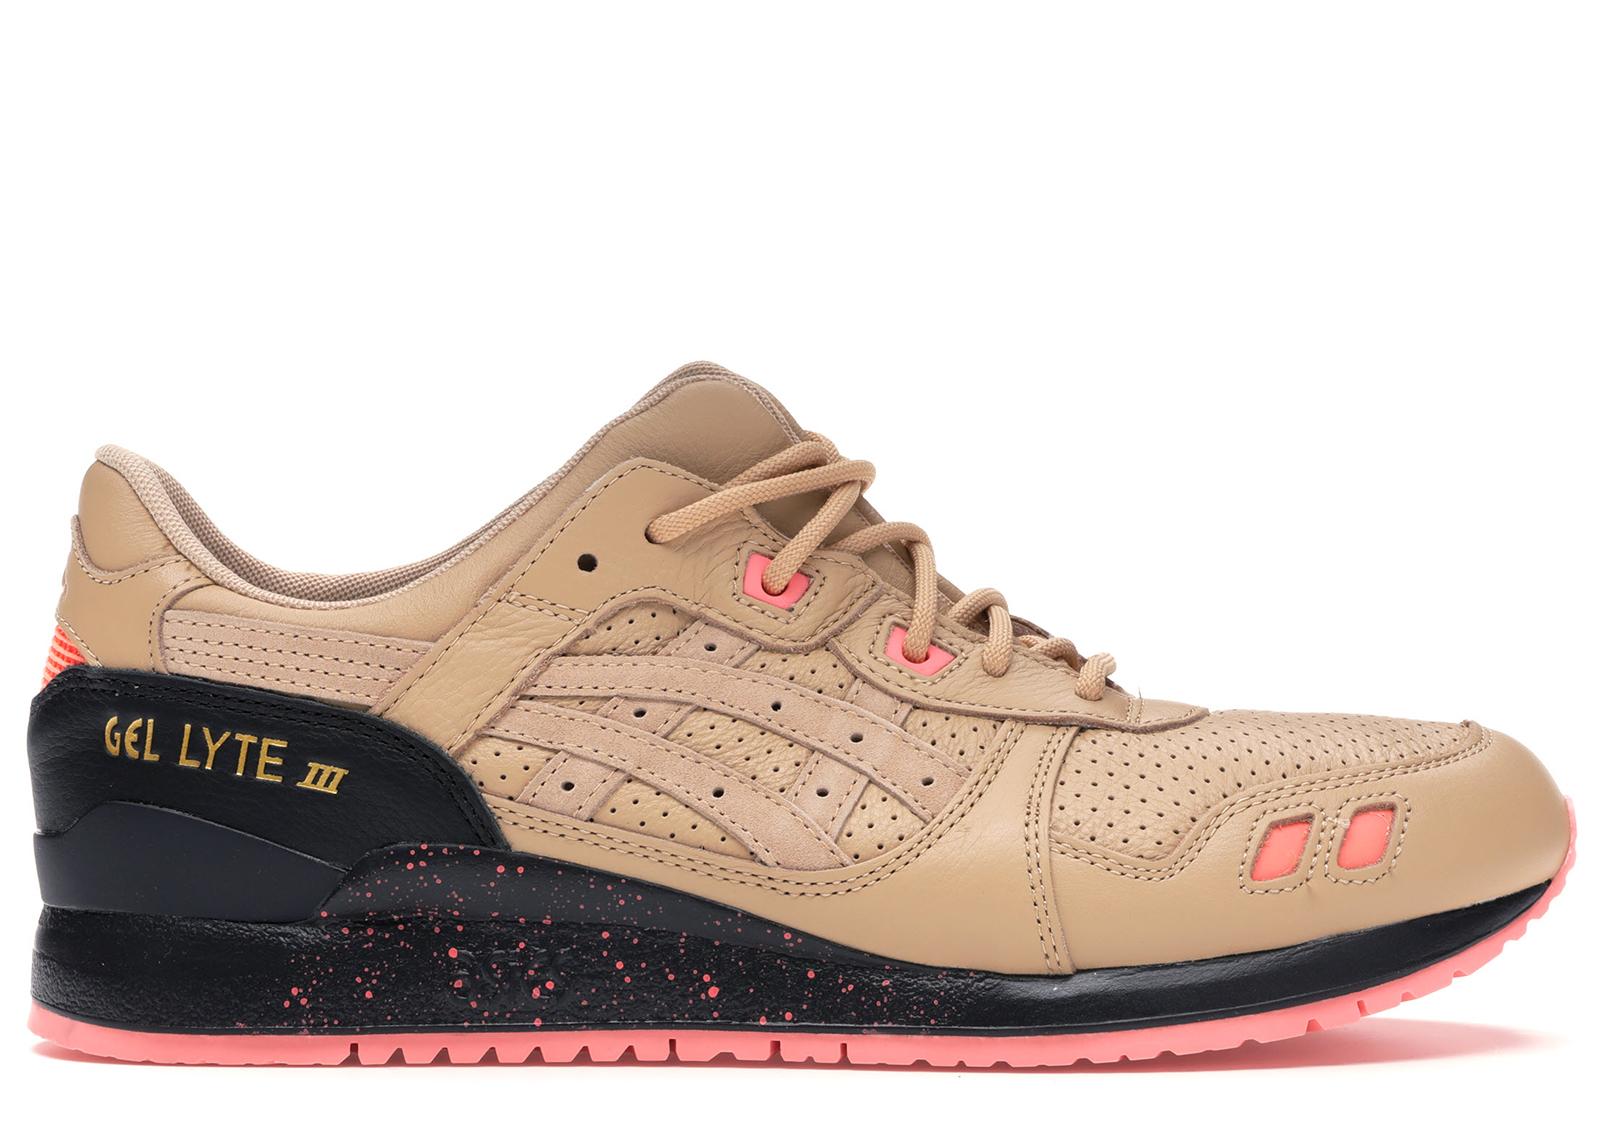 ASICS Gel-Lyte III Sneaker Freaker